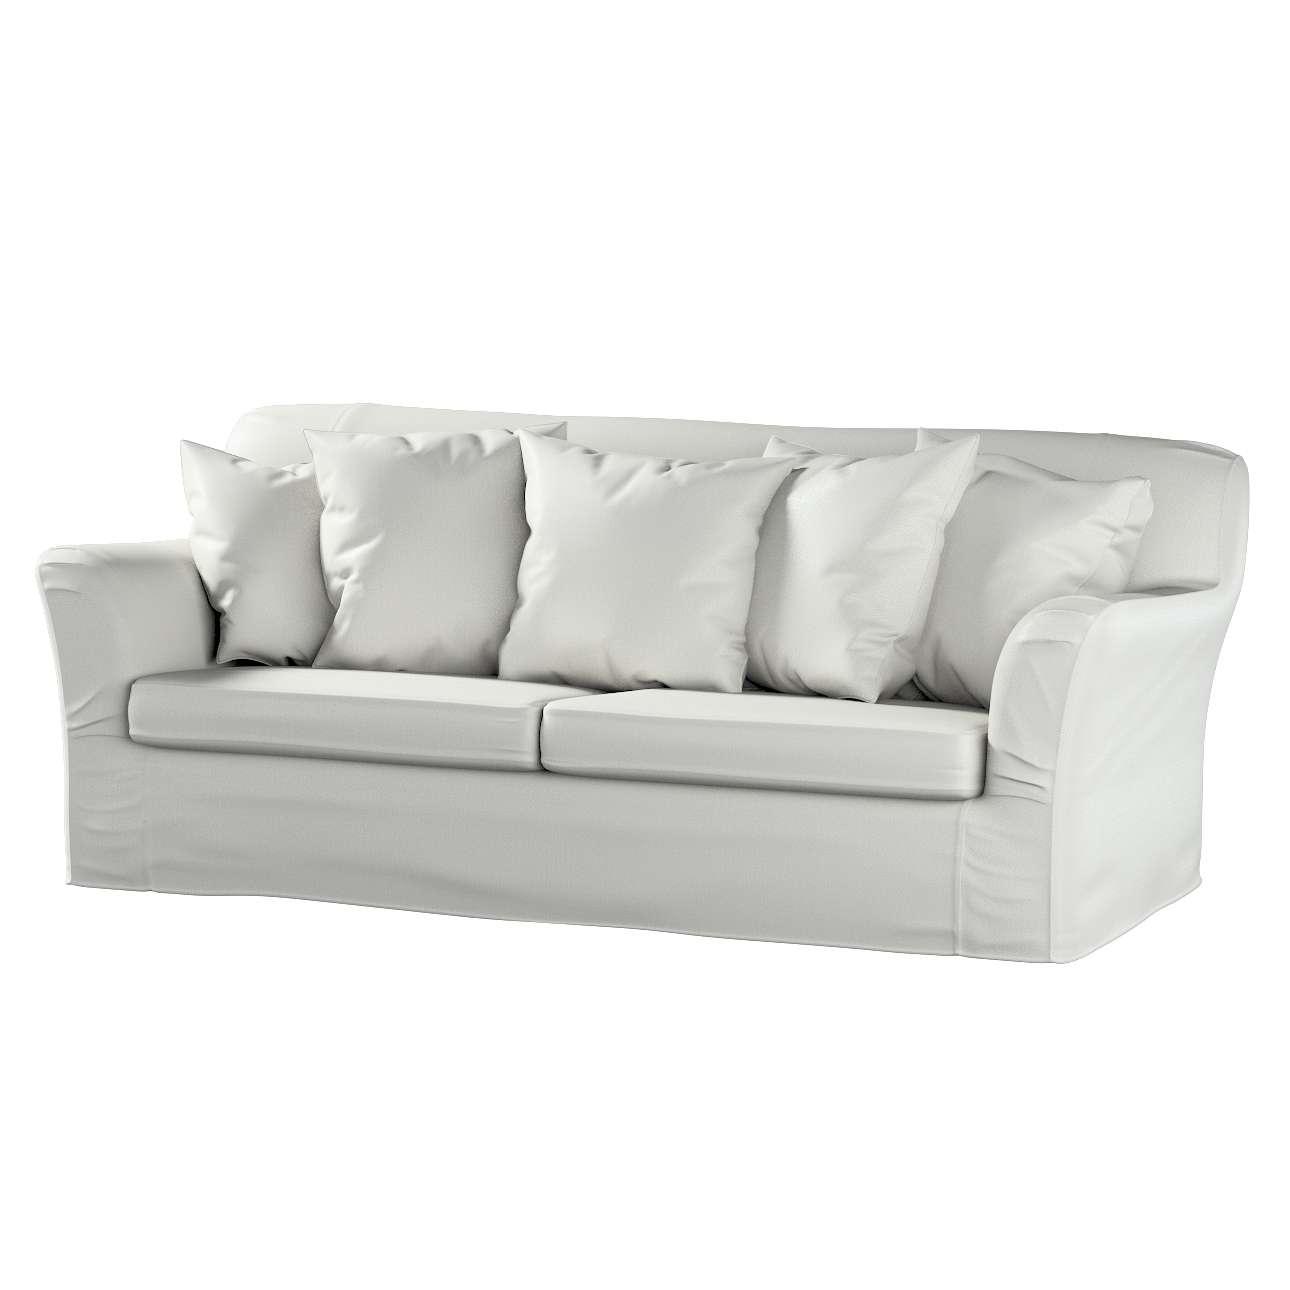 Pokrowiec na sofę Tomelilla 3-osobową rozkładaną w kolekcji Bergen, tkanina: 161-84